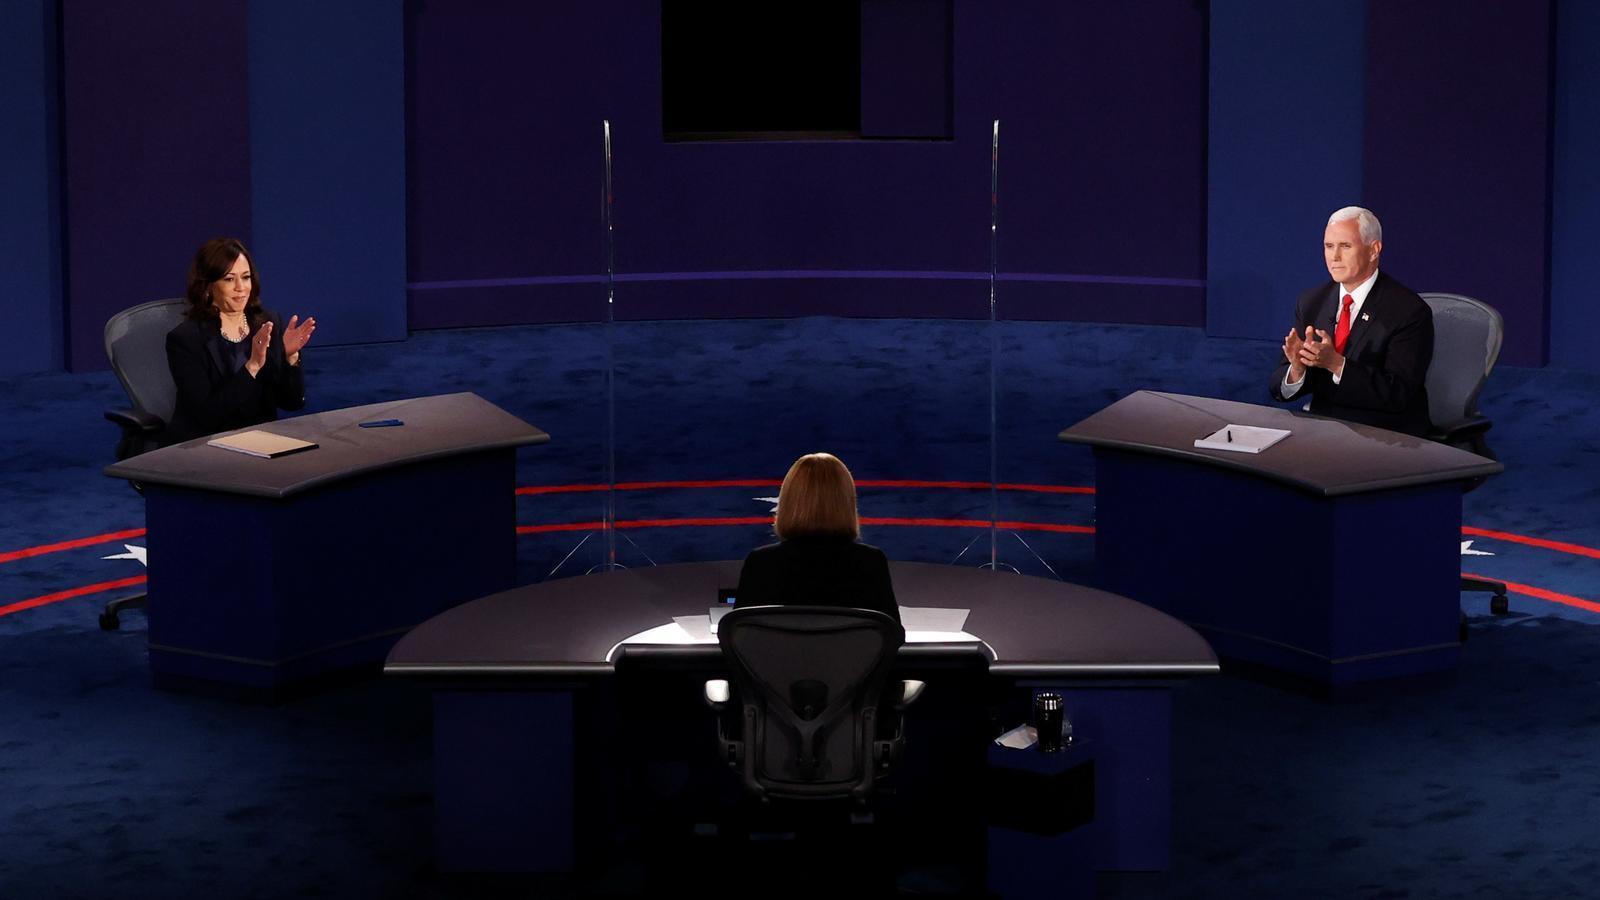 Debat dels candidats a la vicepresidència dels EUA, Mike Pence i Kamala Harris.